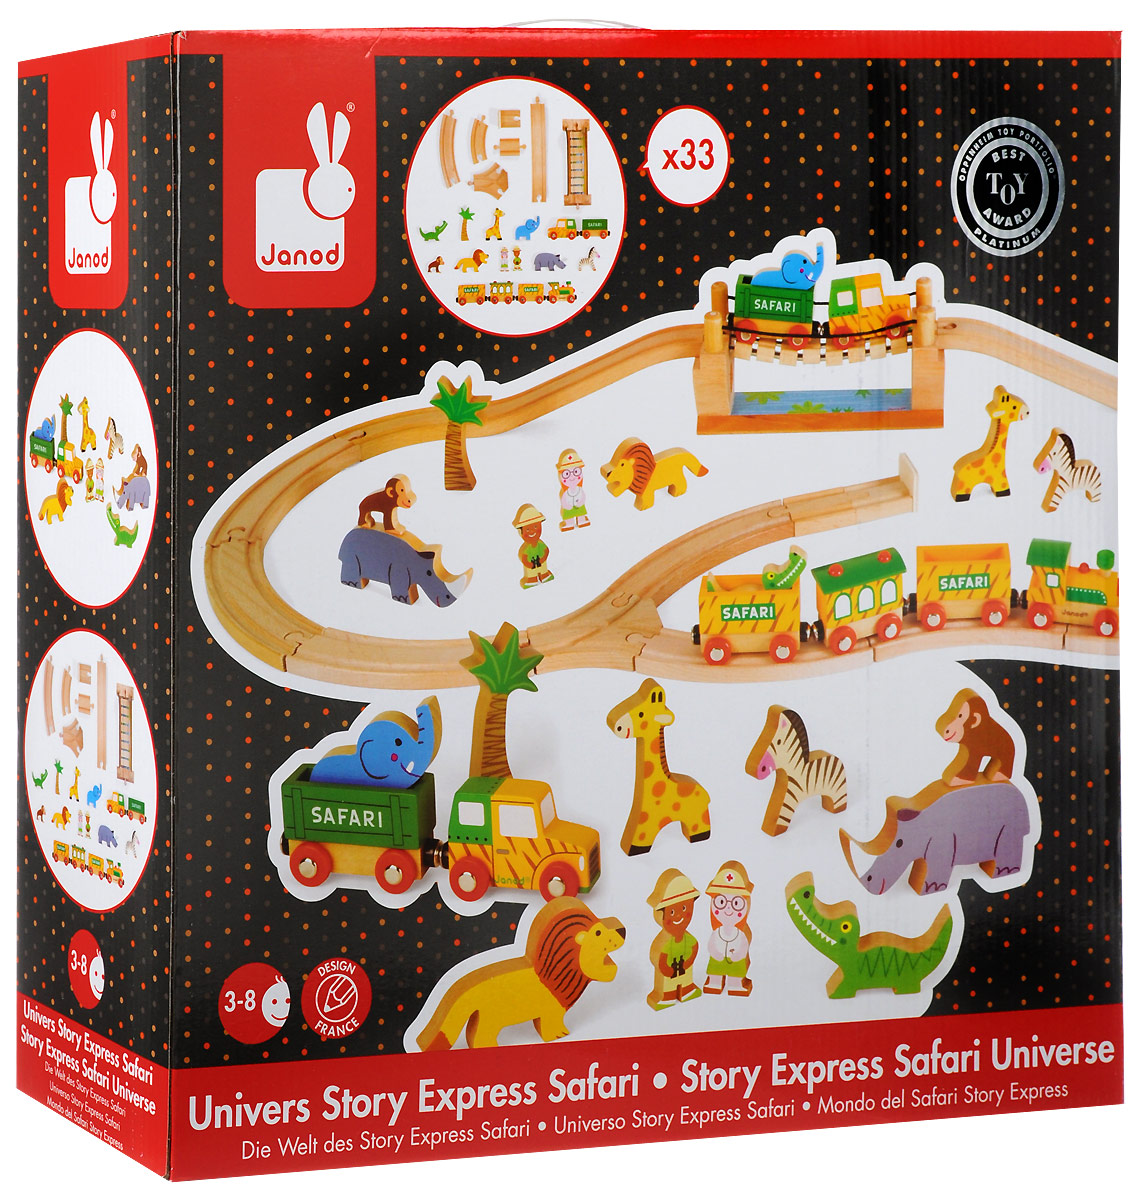 Janod Набор игровой Сафари 12 игрушек поезд 17 элементов ж/д полотна janod в квадратном чемоданчике пилот